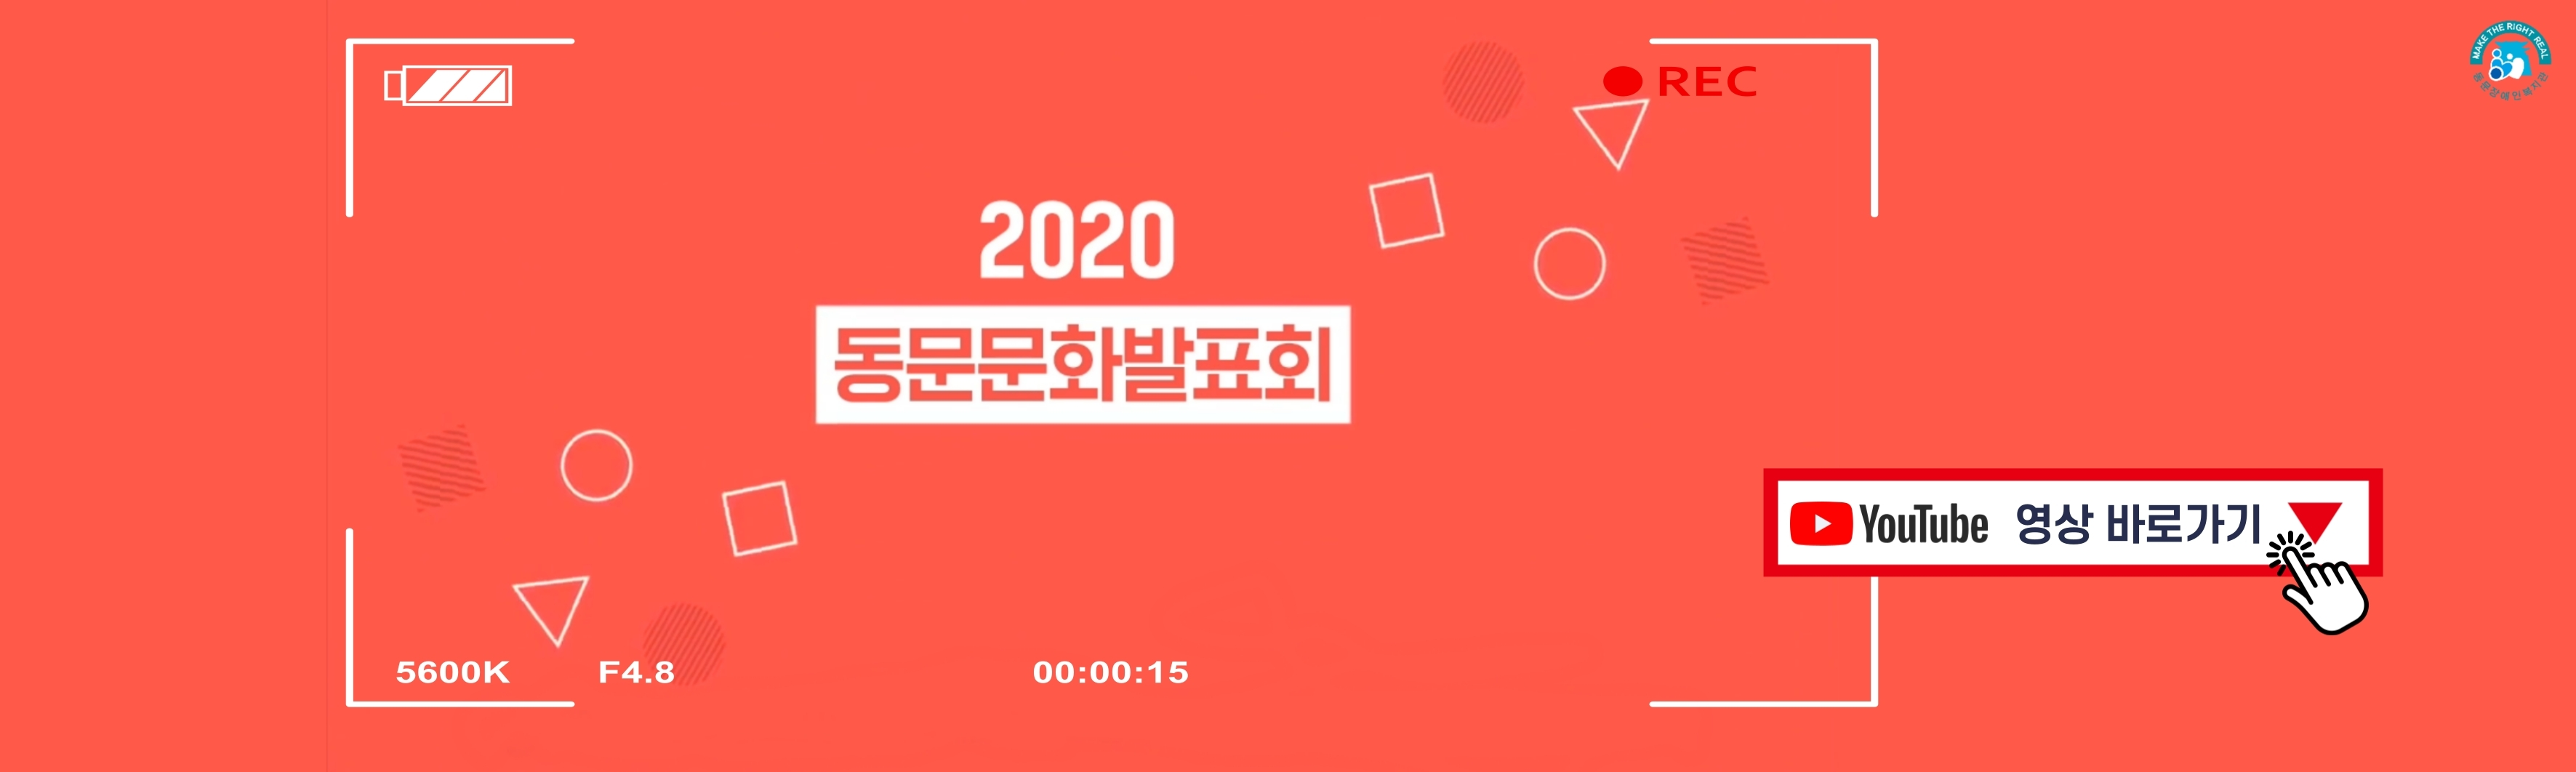 2020-20 대문